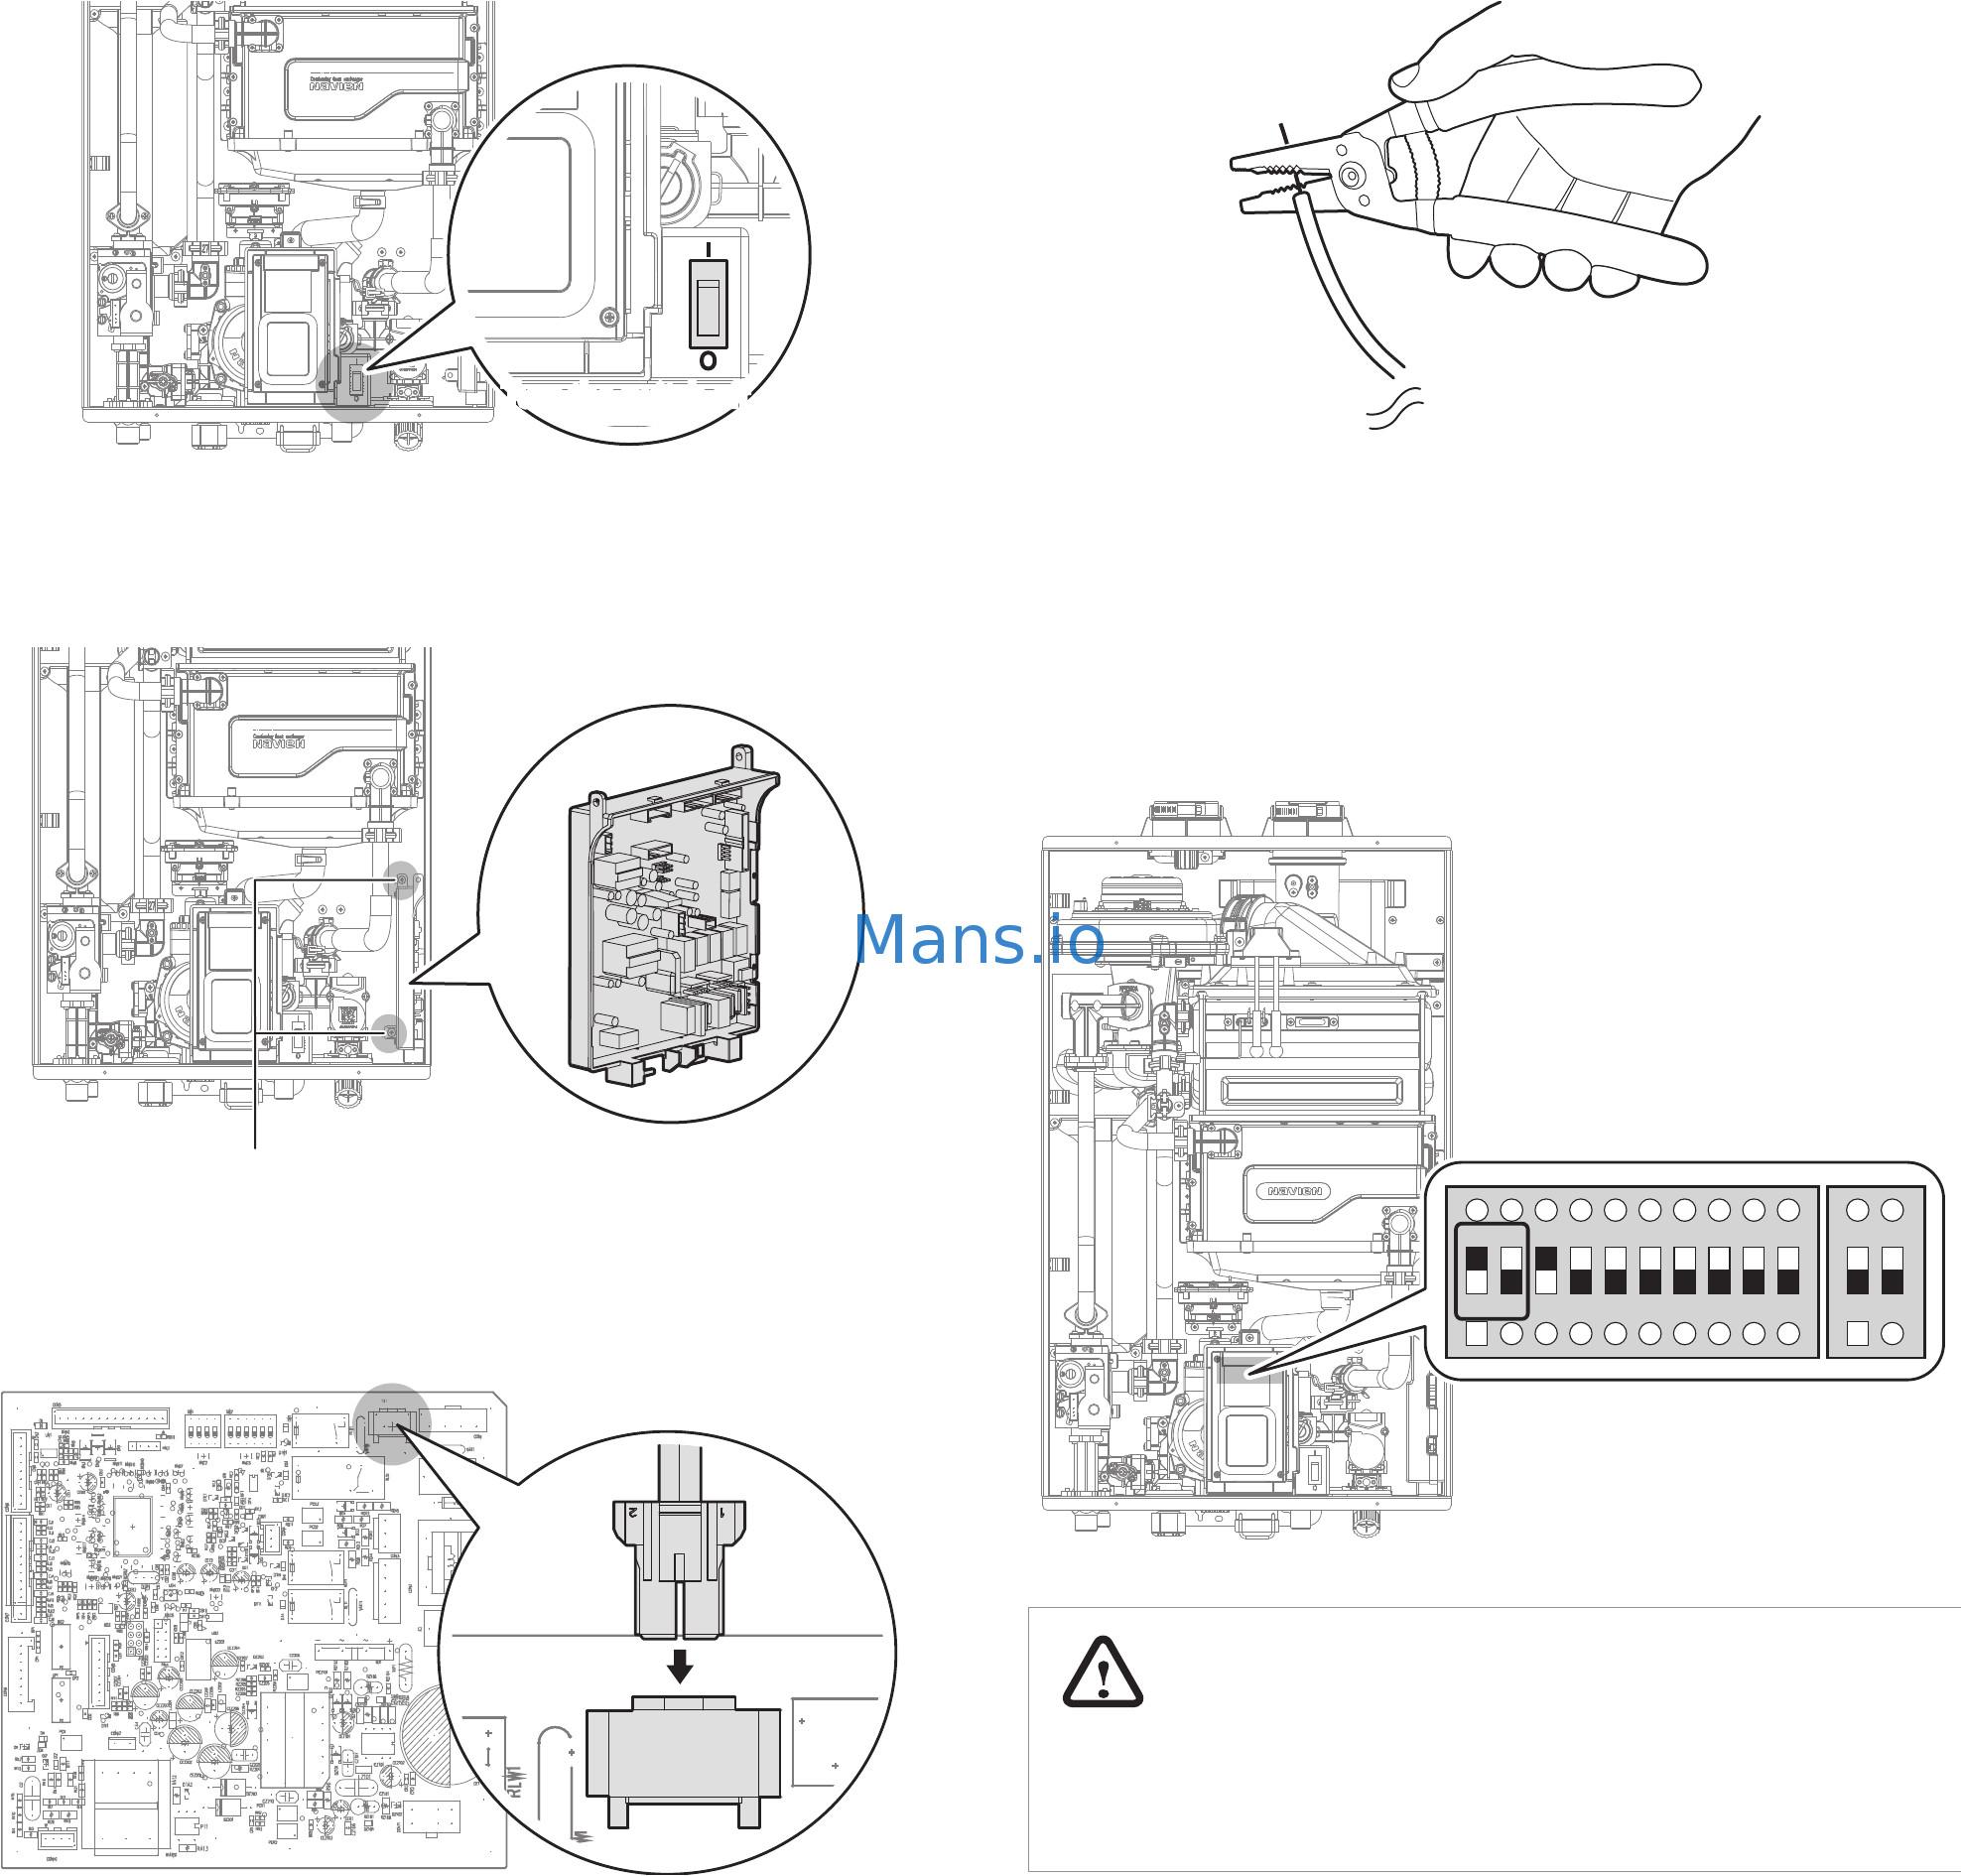 navien tankless water heater wiring diagram